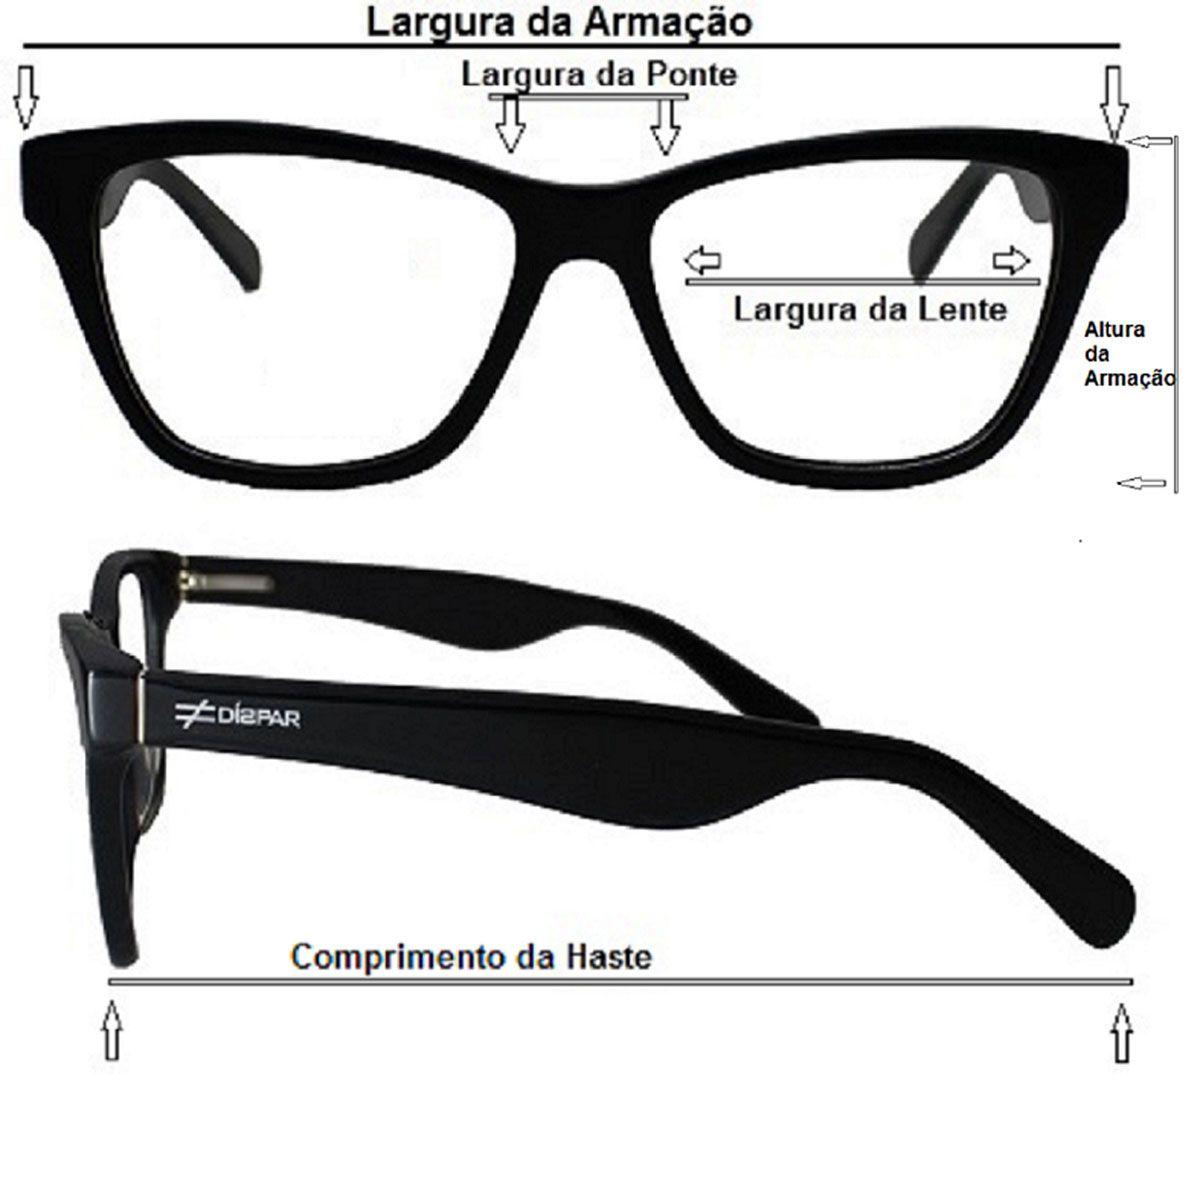 Armação para Óculos Díspar ID2101 Infantil Flexível - Preto IDADE 3 A 6